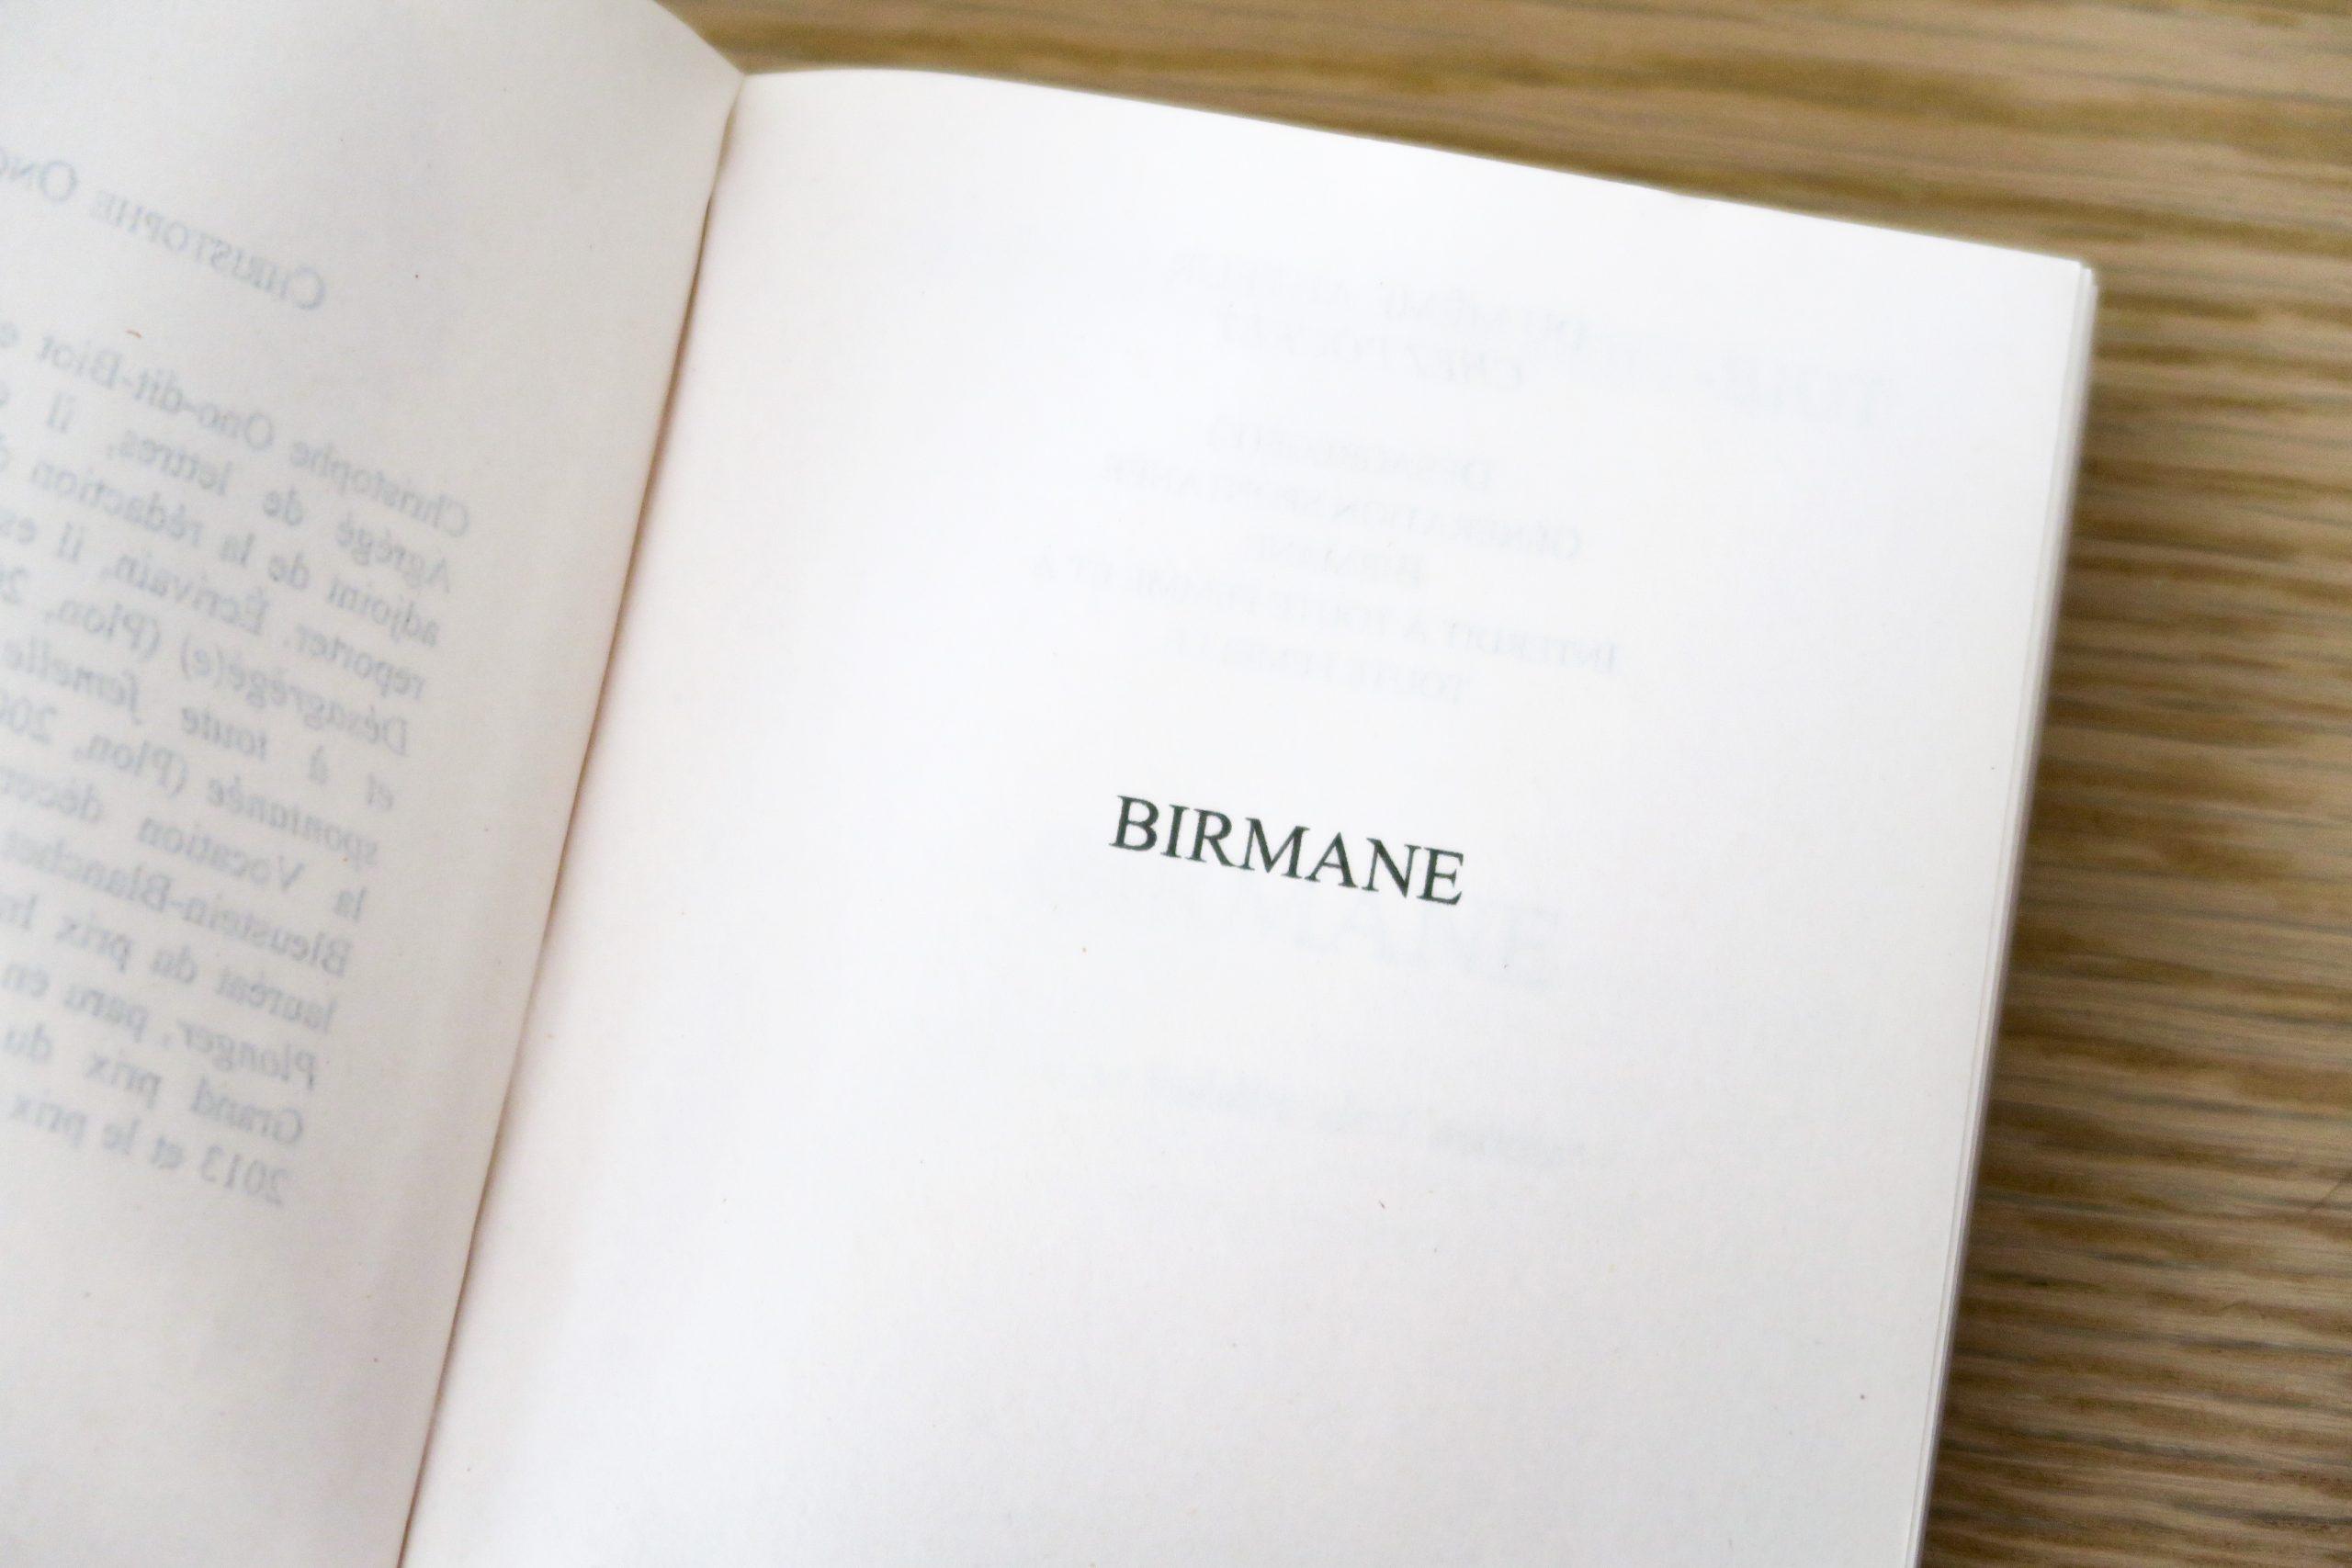 birmane idées de livres pour voyager